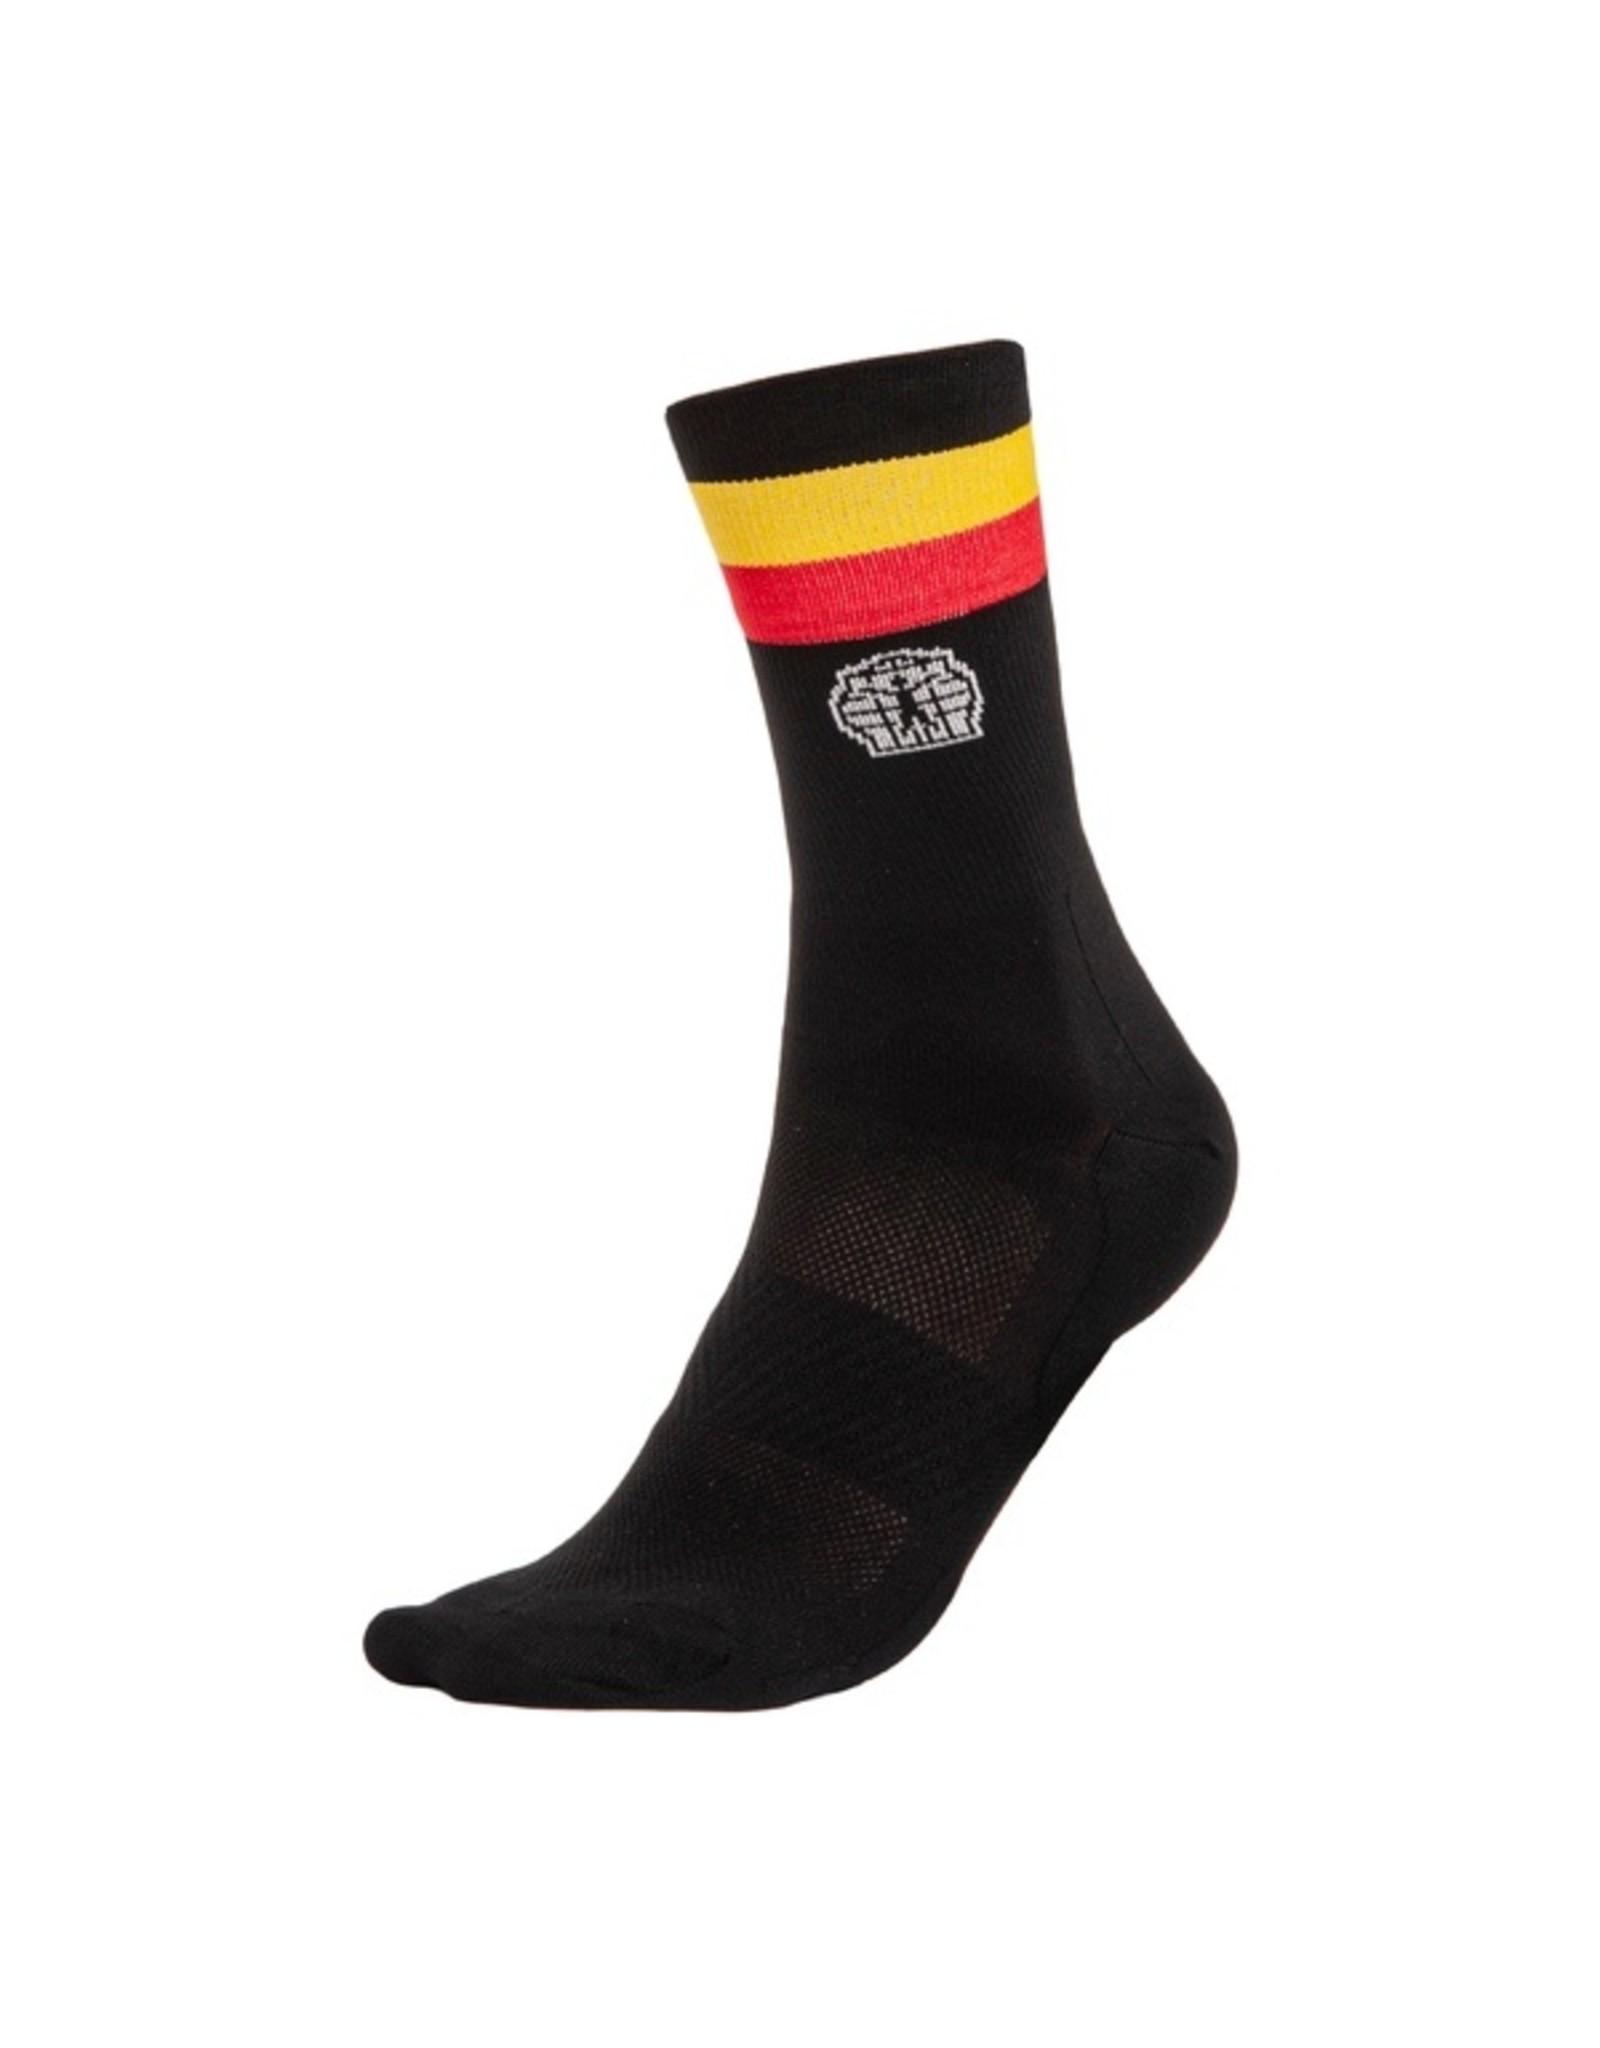 Bioracer '21, BIORACER, Belgium Sock Black